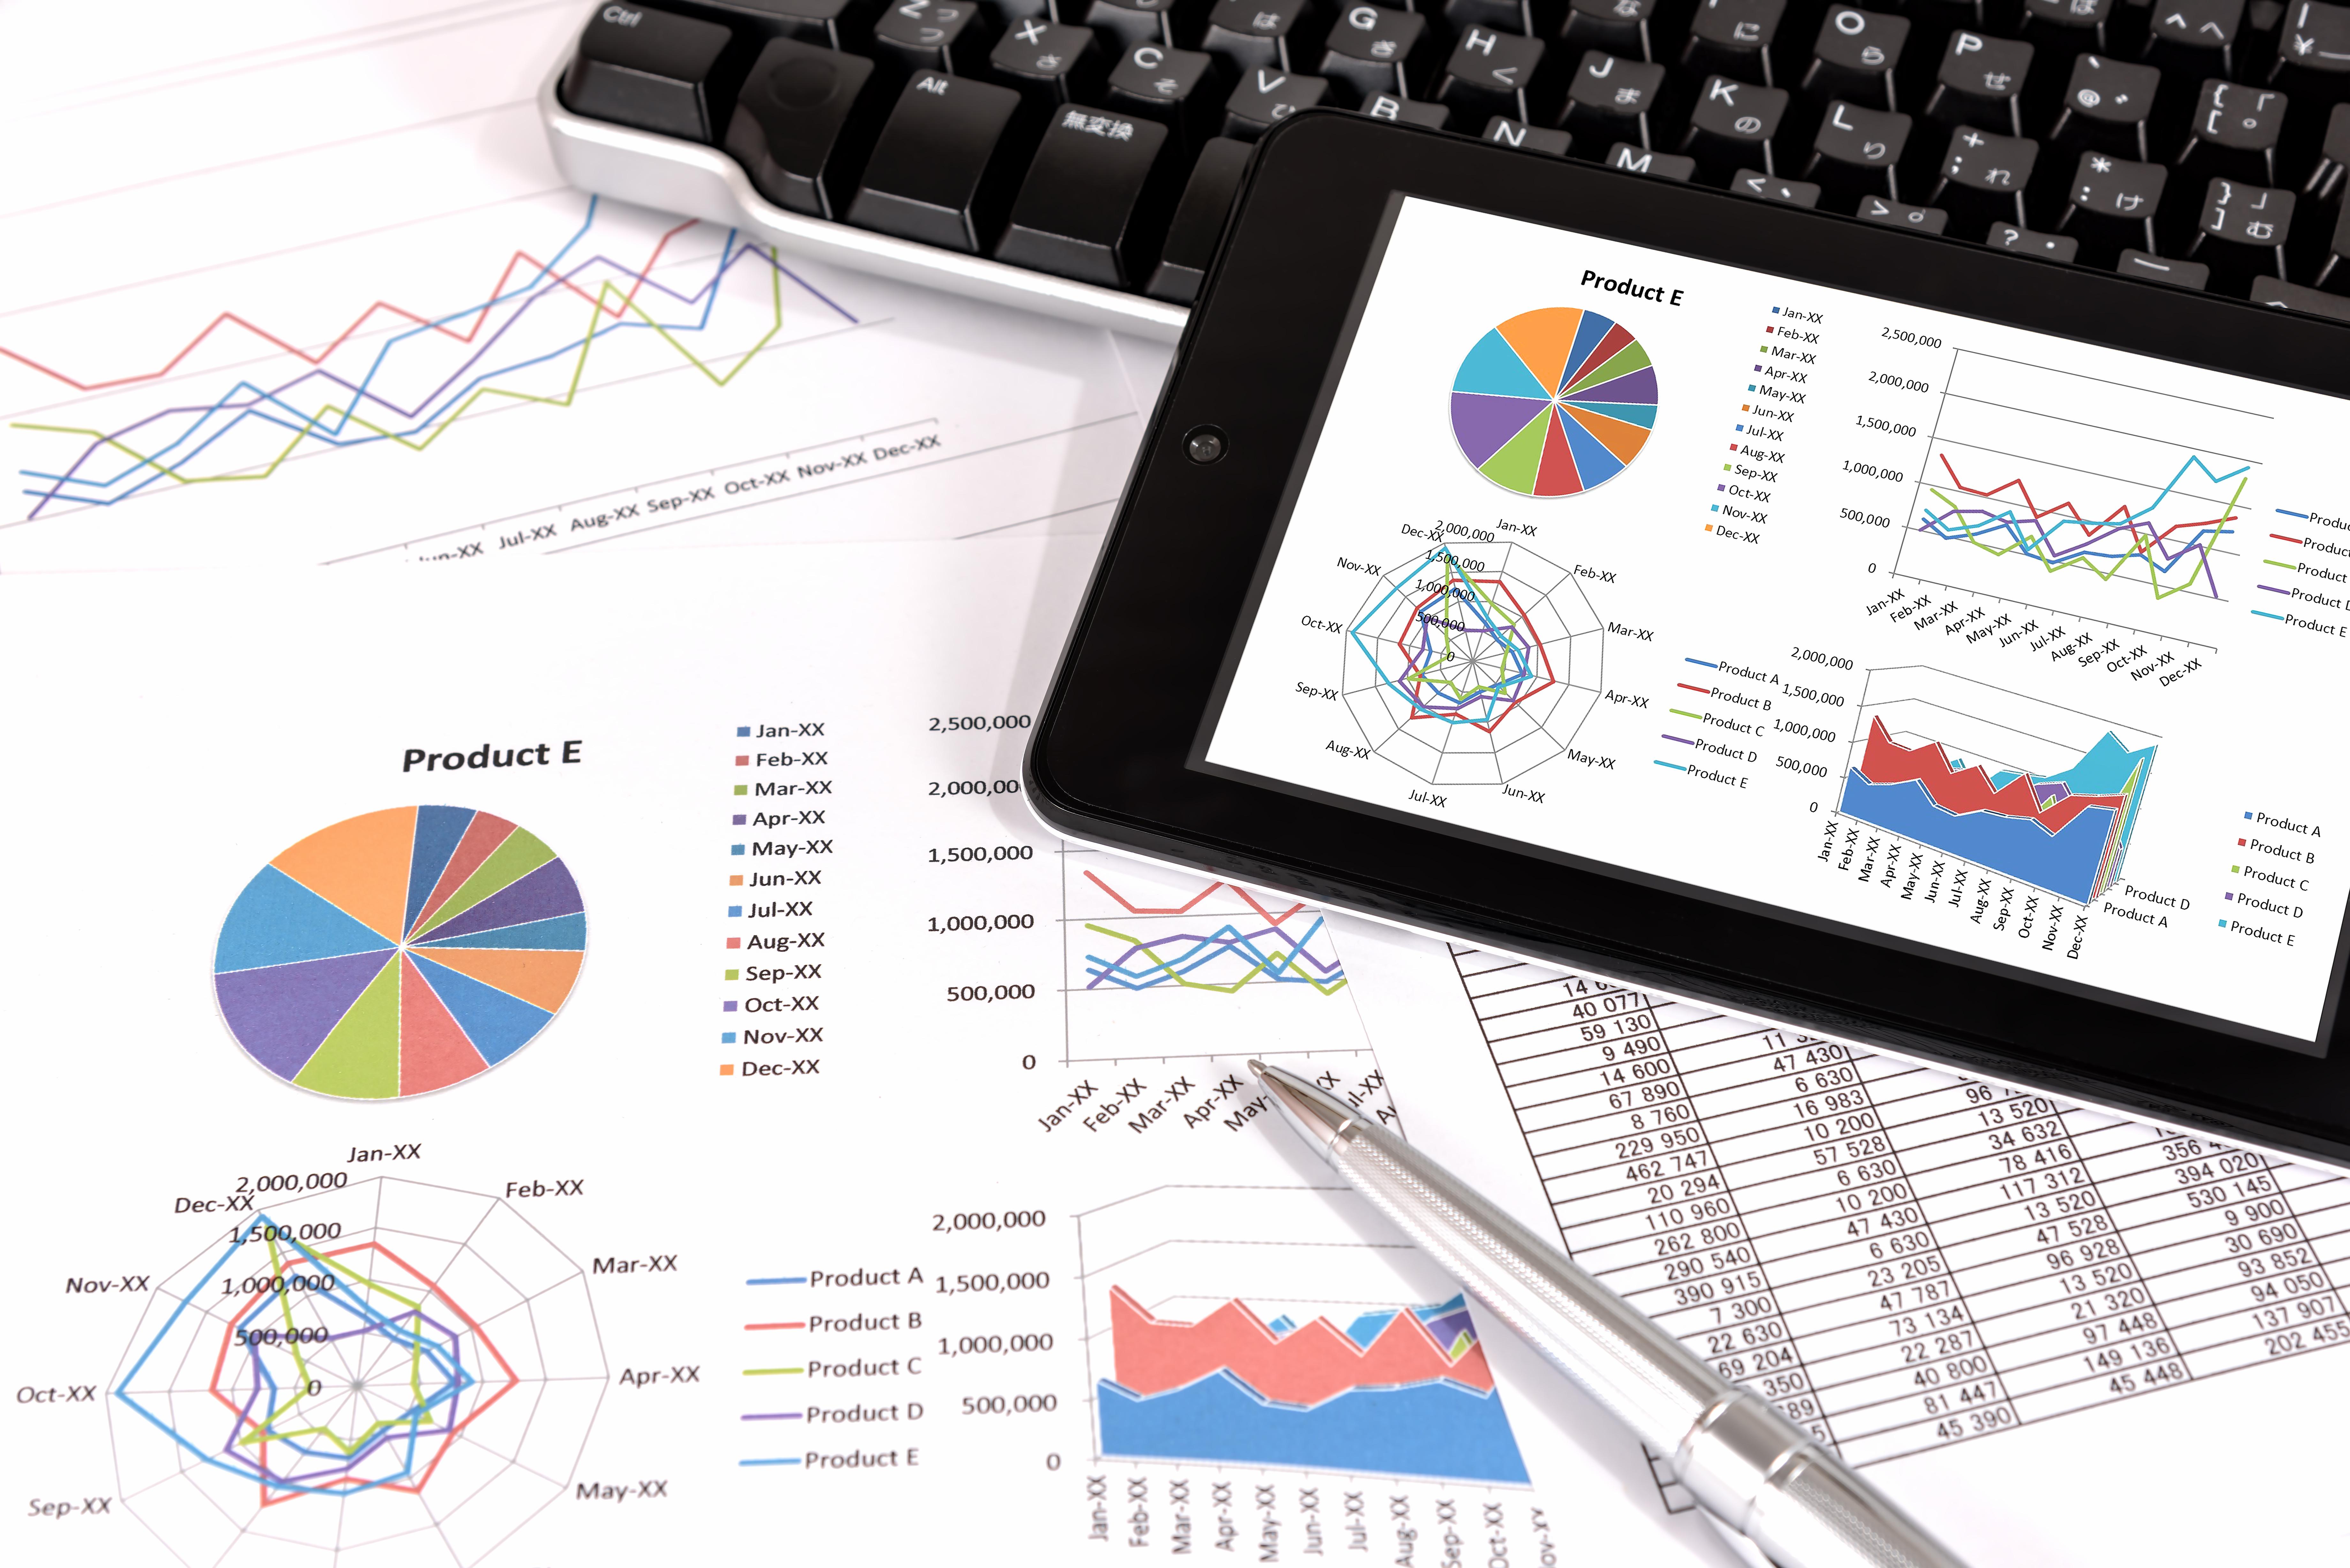 マーケティング アクセス解析 集客力 購買 アップ 分析